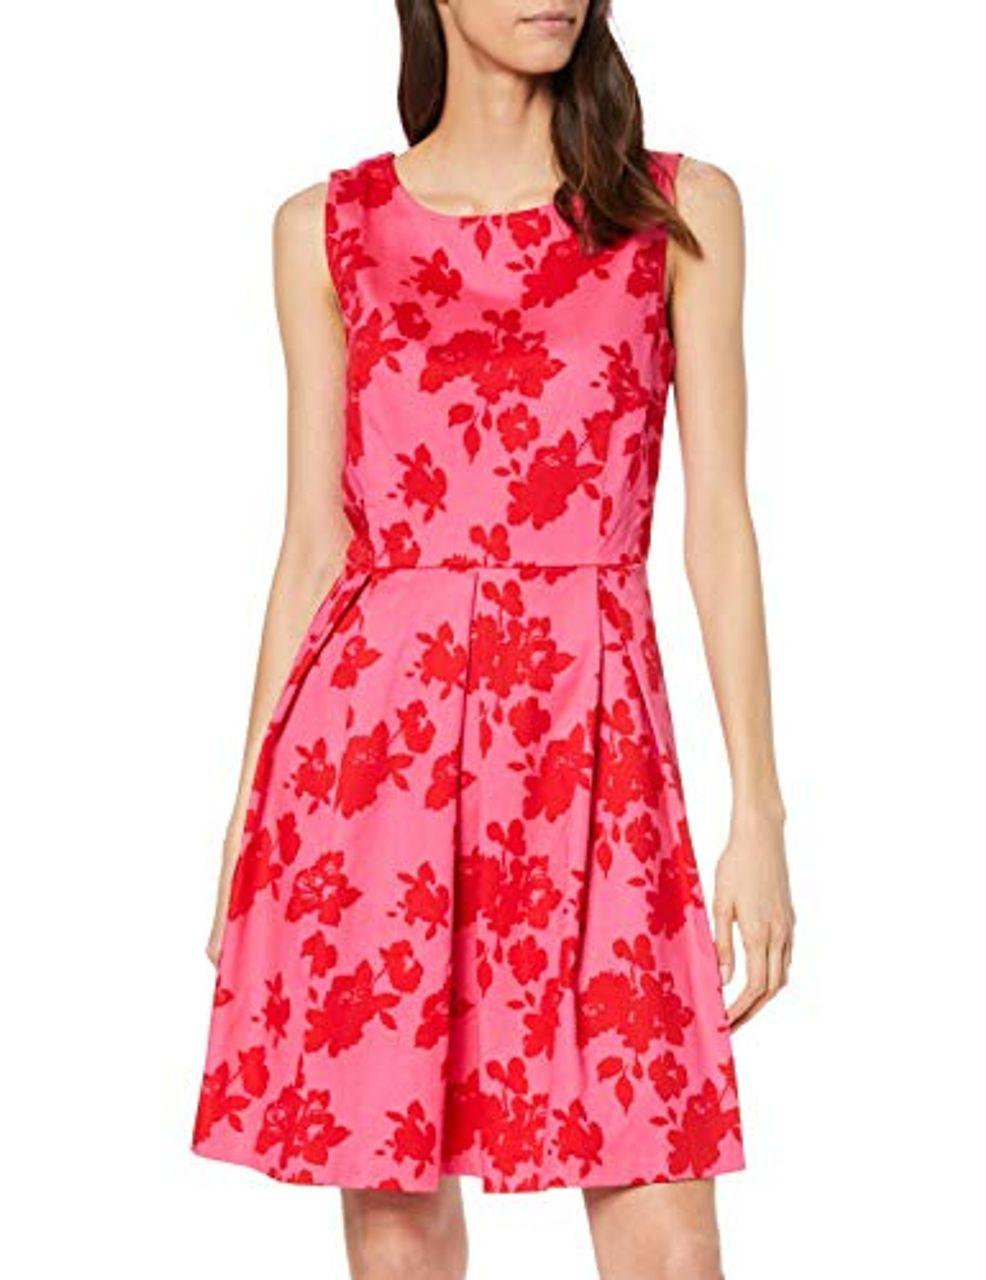 Tom Tailor Damen 1009829 Kleid 100982916766  Preise